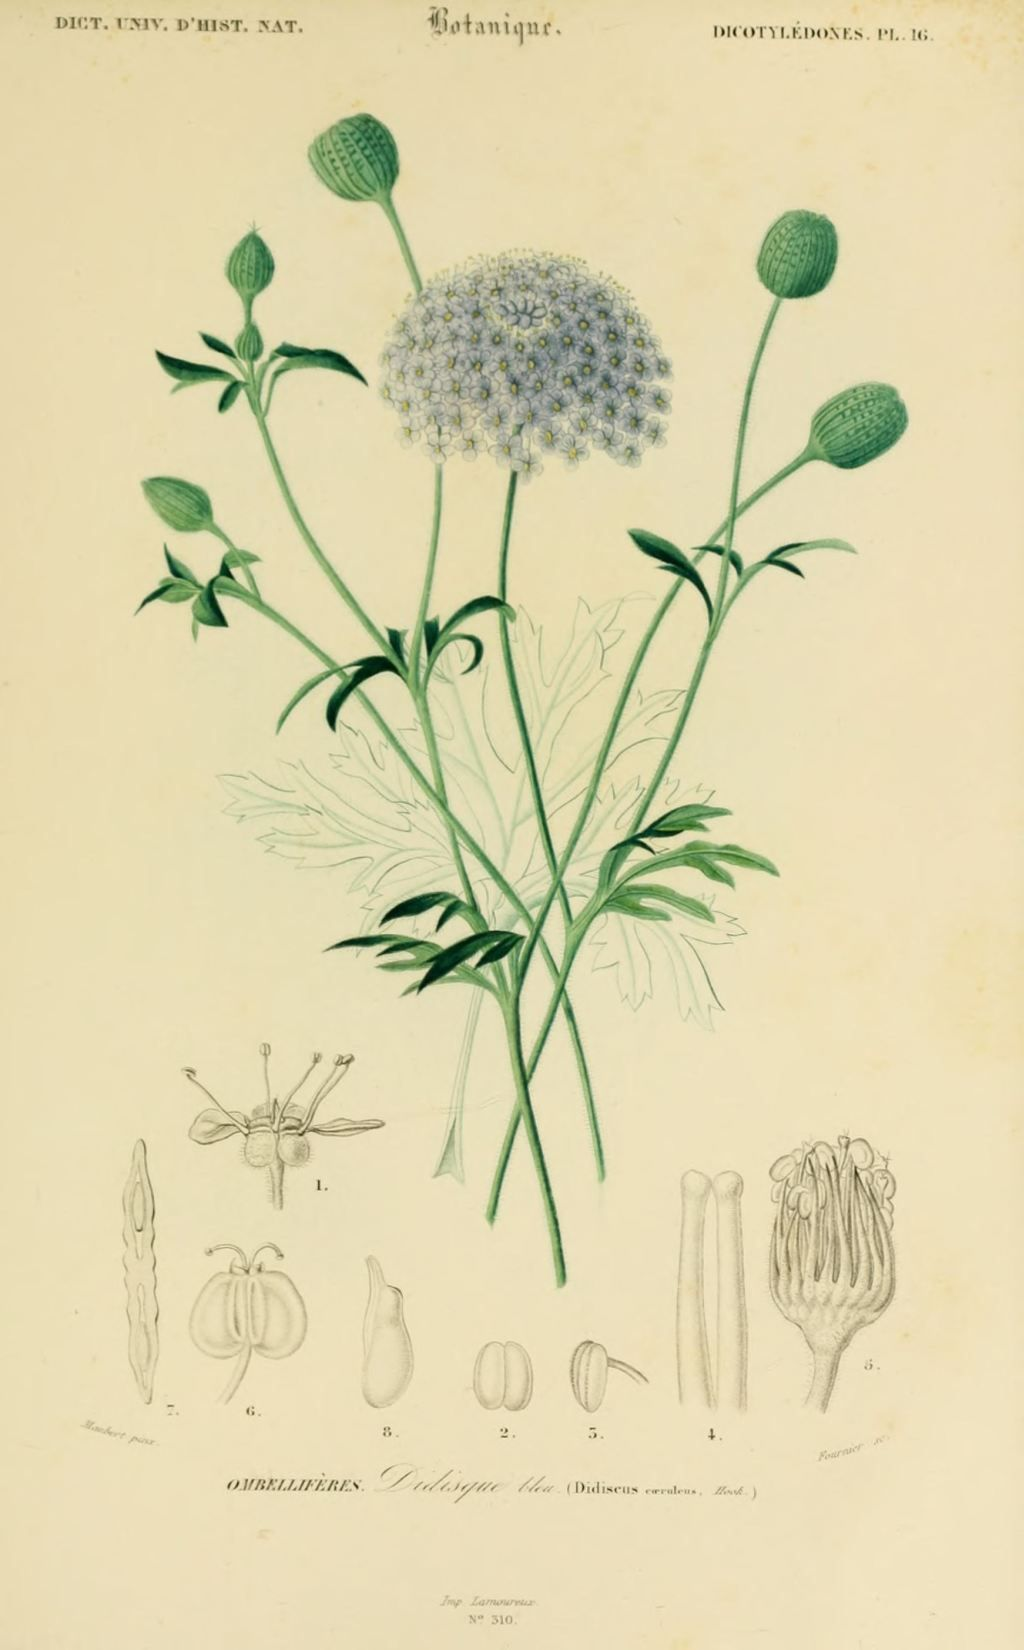 img dessins couleur fleurs dessin botanique de fleur 0173 didisque bleu didiscus. Black Bedroom Furniture Sets. Home Design Ideas